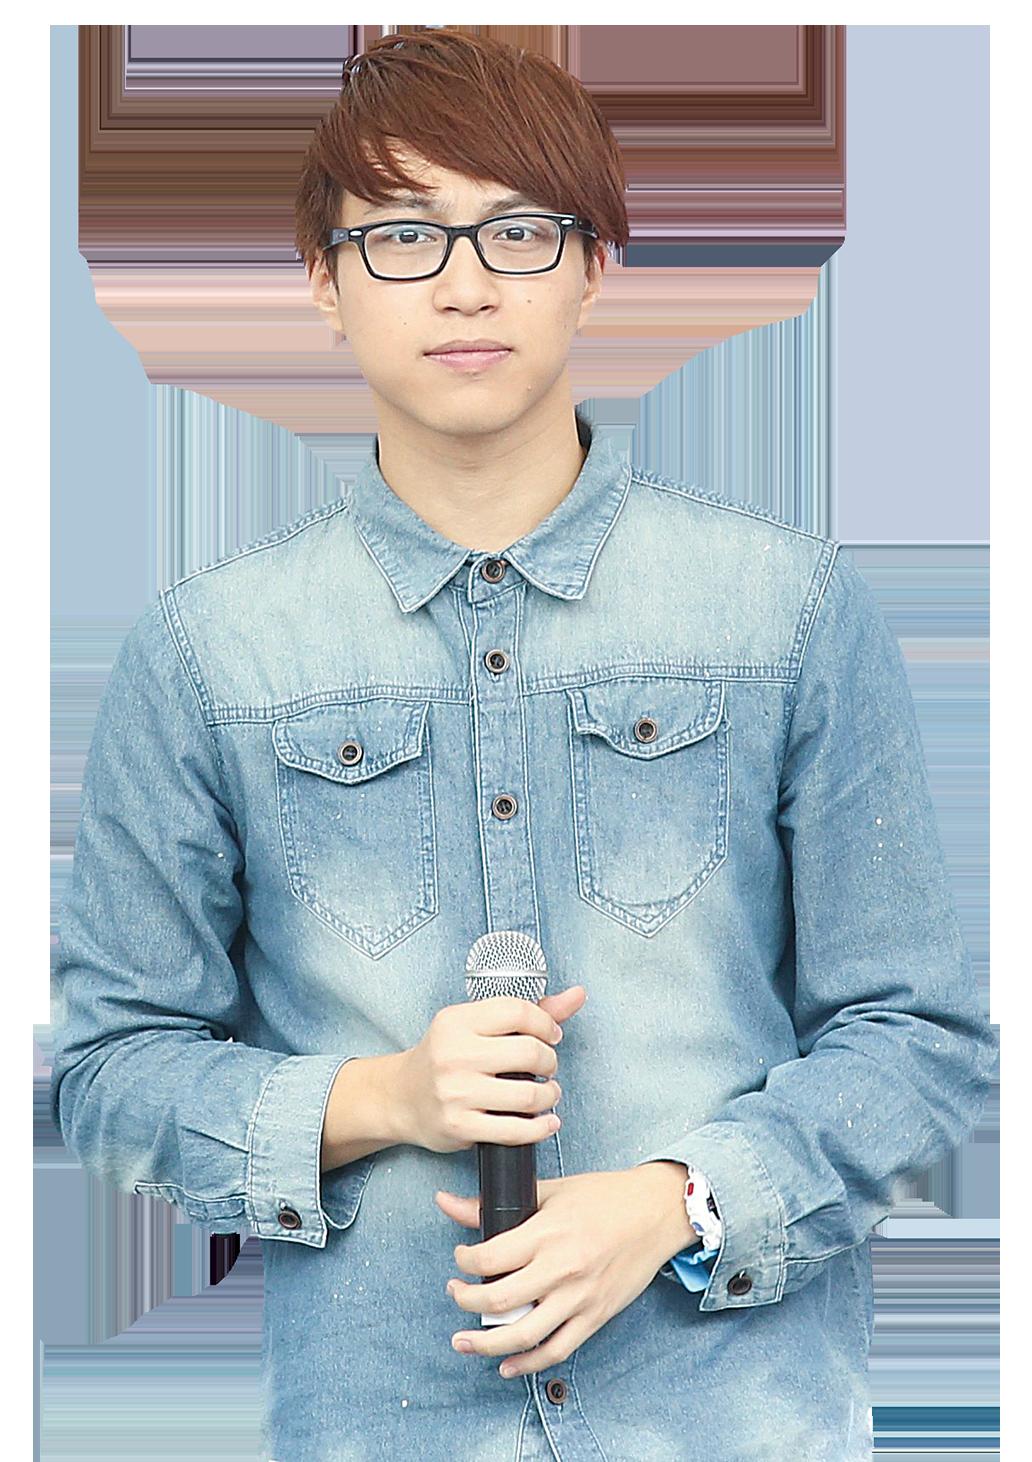 吳業坤演唱會誇口賣票  擔心禍從口出影響人